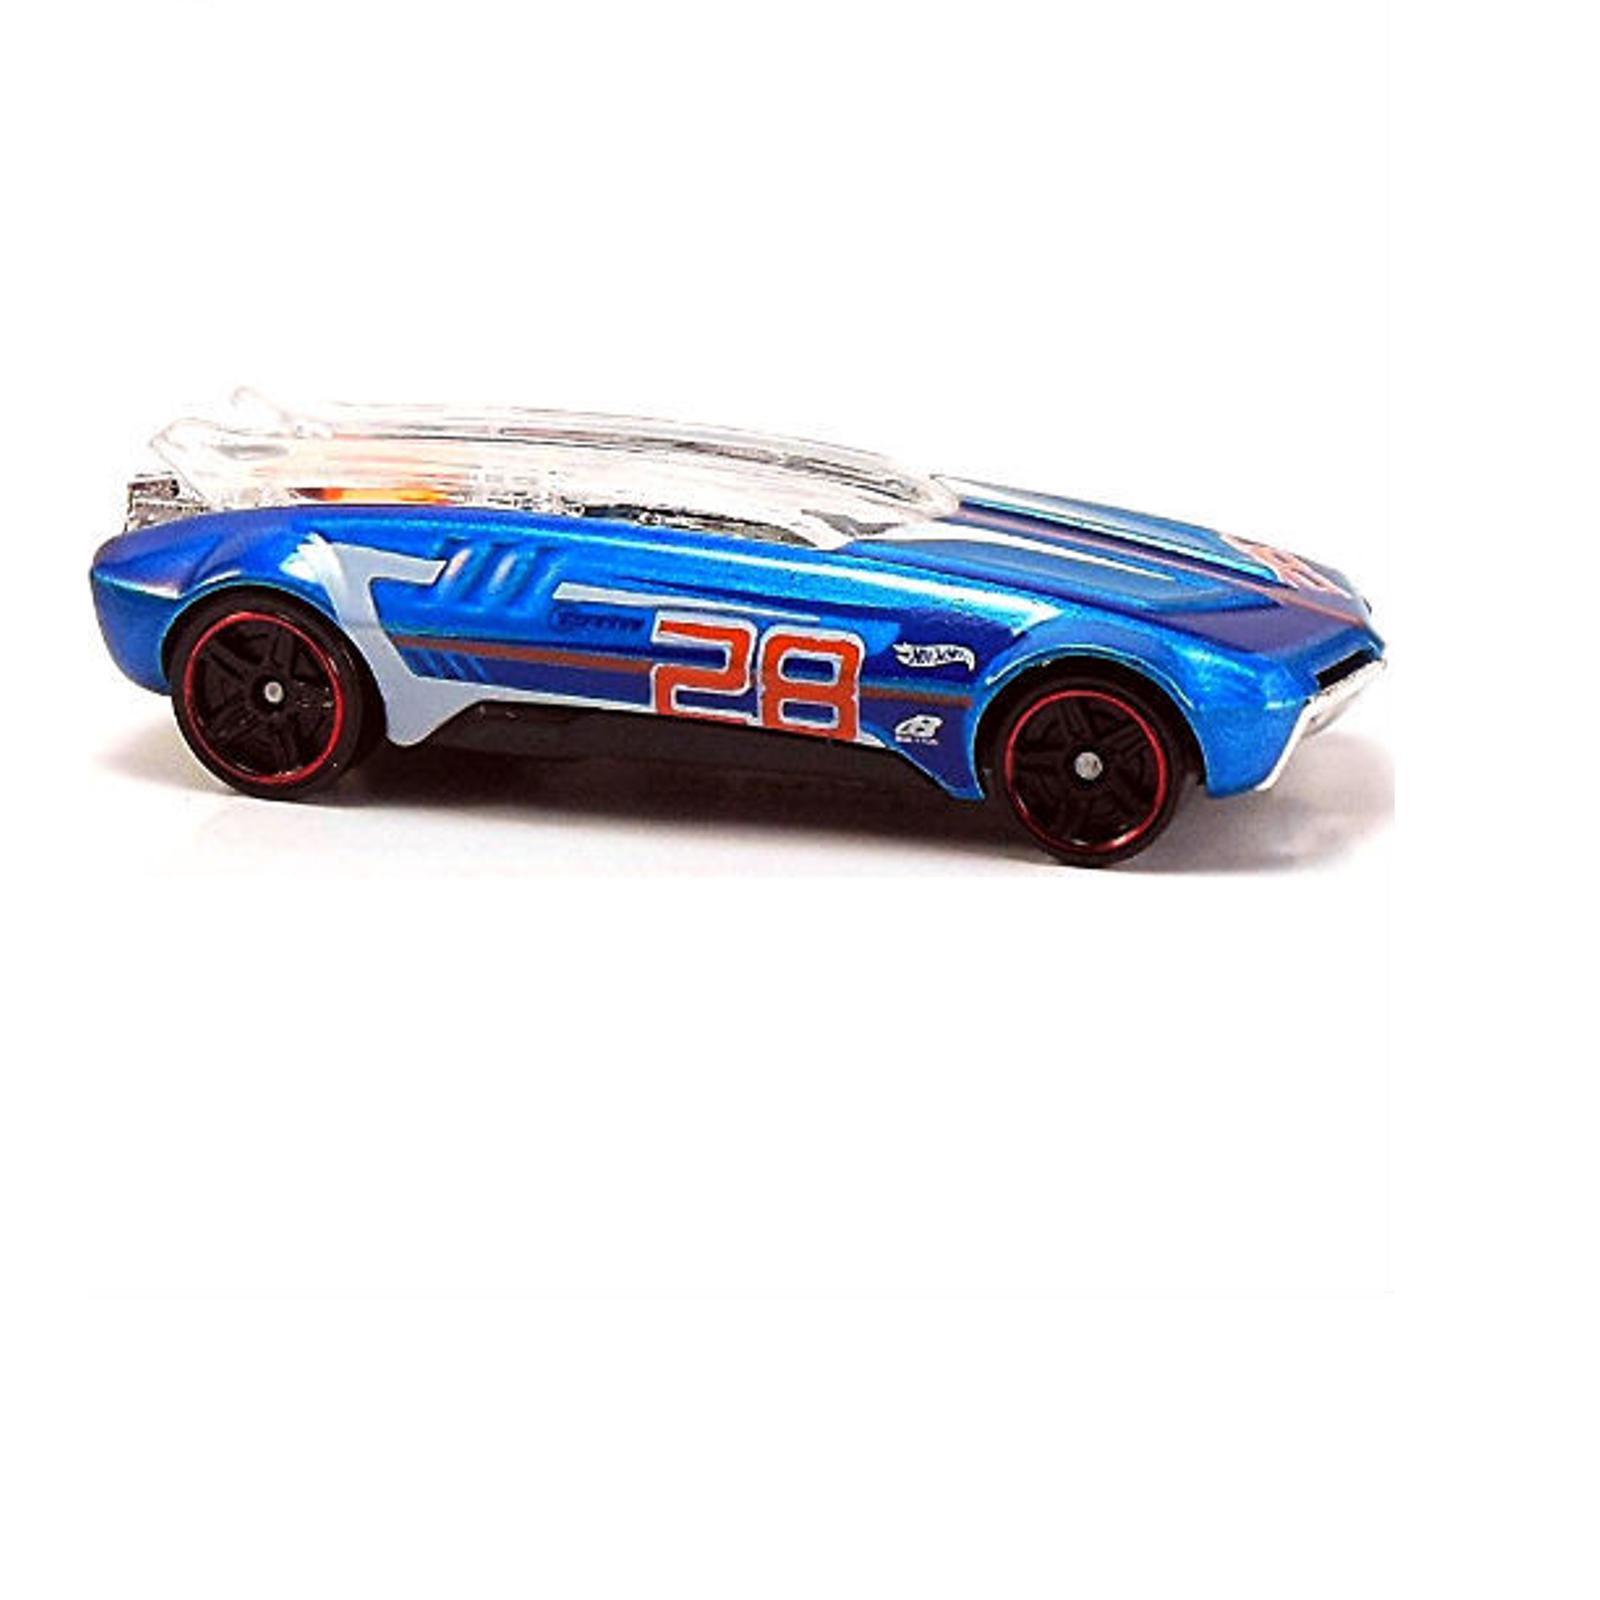 ����������� Hot Wheels ��� ������ Whip Creamer II